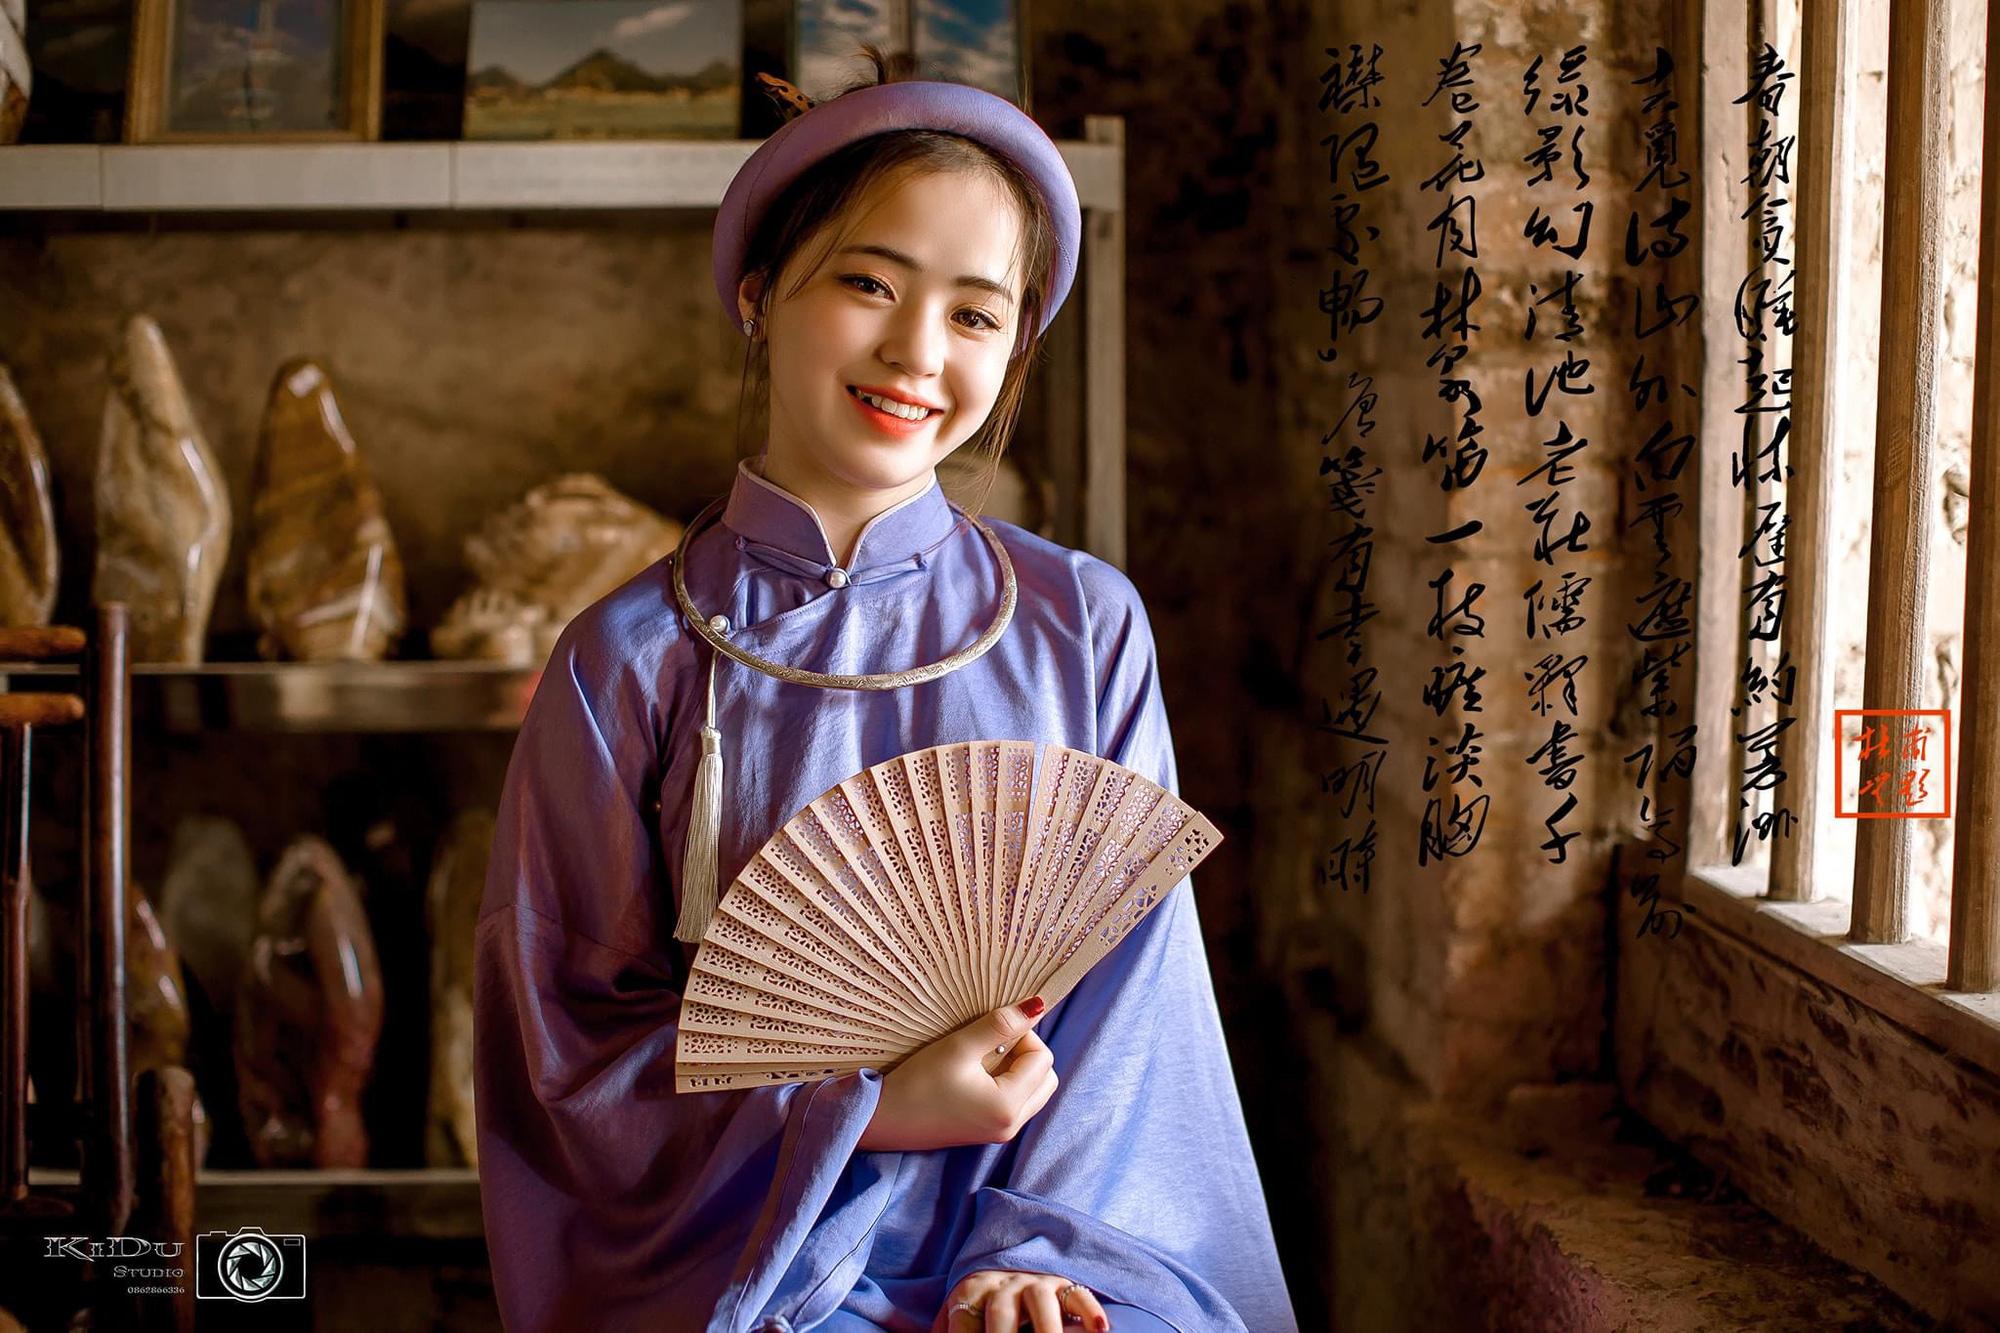 """Vẻ đẹp trong sáng của """"cô bé bán lê"""", có chiếc răng khểnh đáng yêu tại cao nguyên đá Hà Giang - Ảnh 10."""